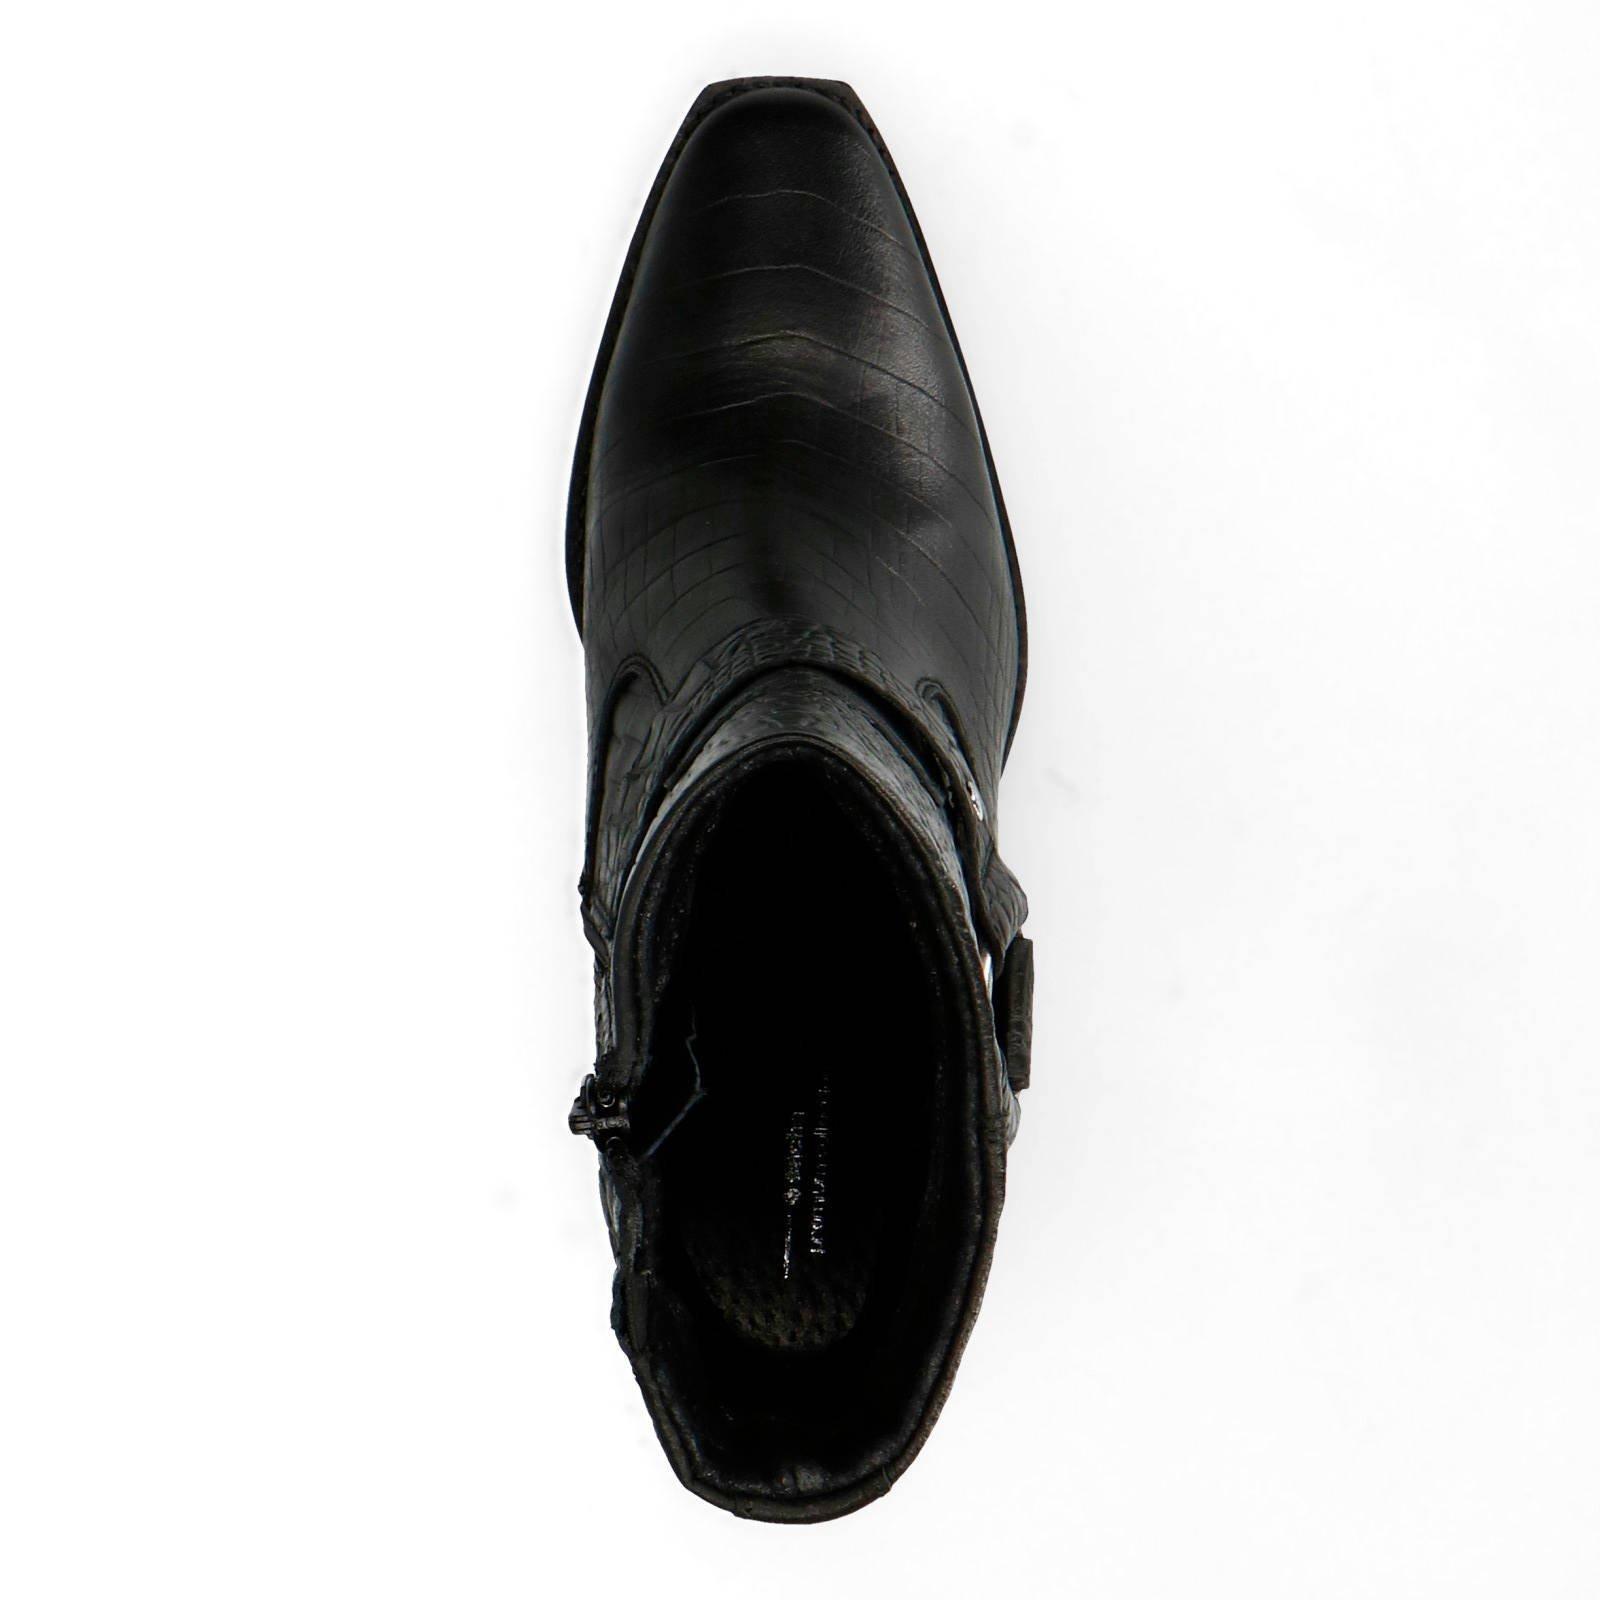 Sacha leren cowboy laarzen met krokodillenprint zwart | wehkamp